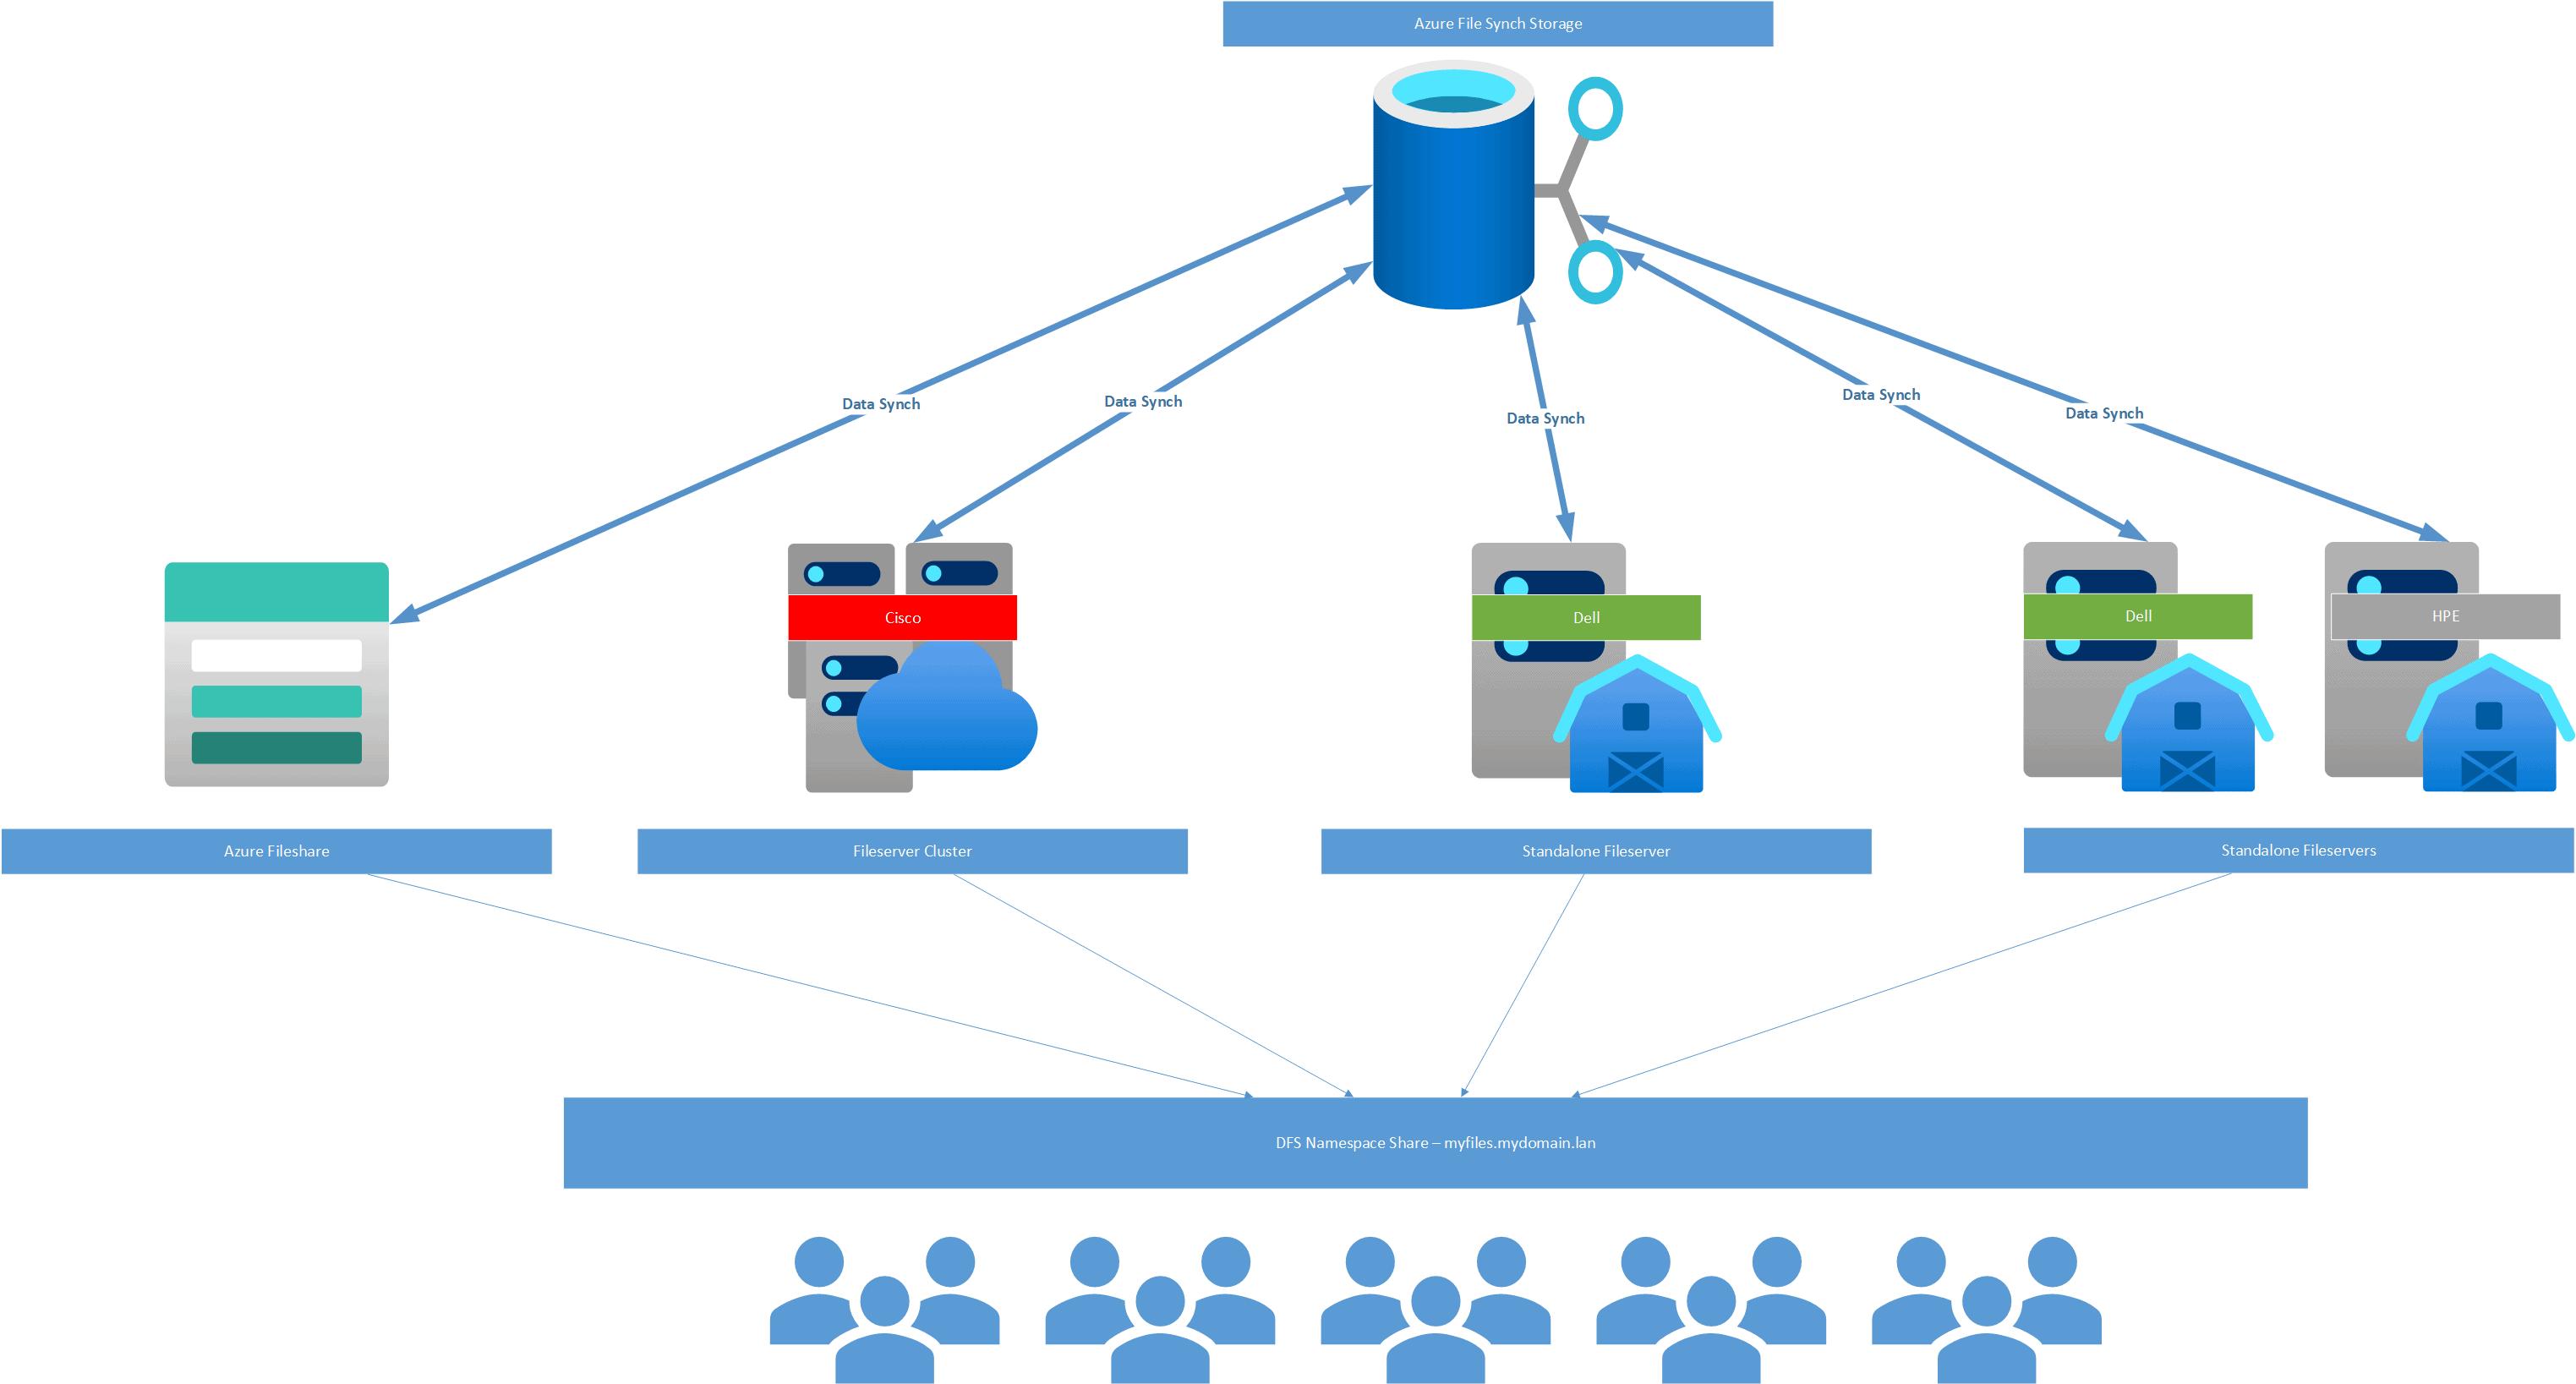 Azure Fileshare, Azure Region